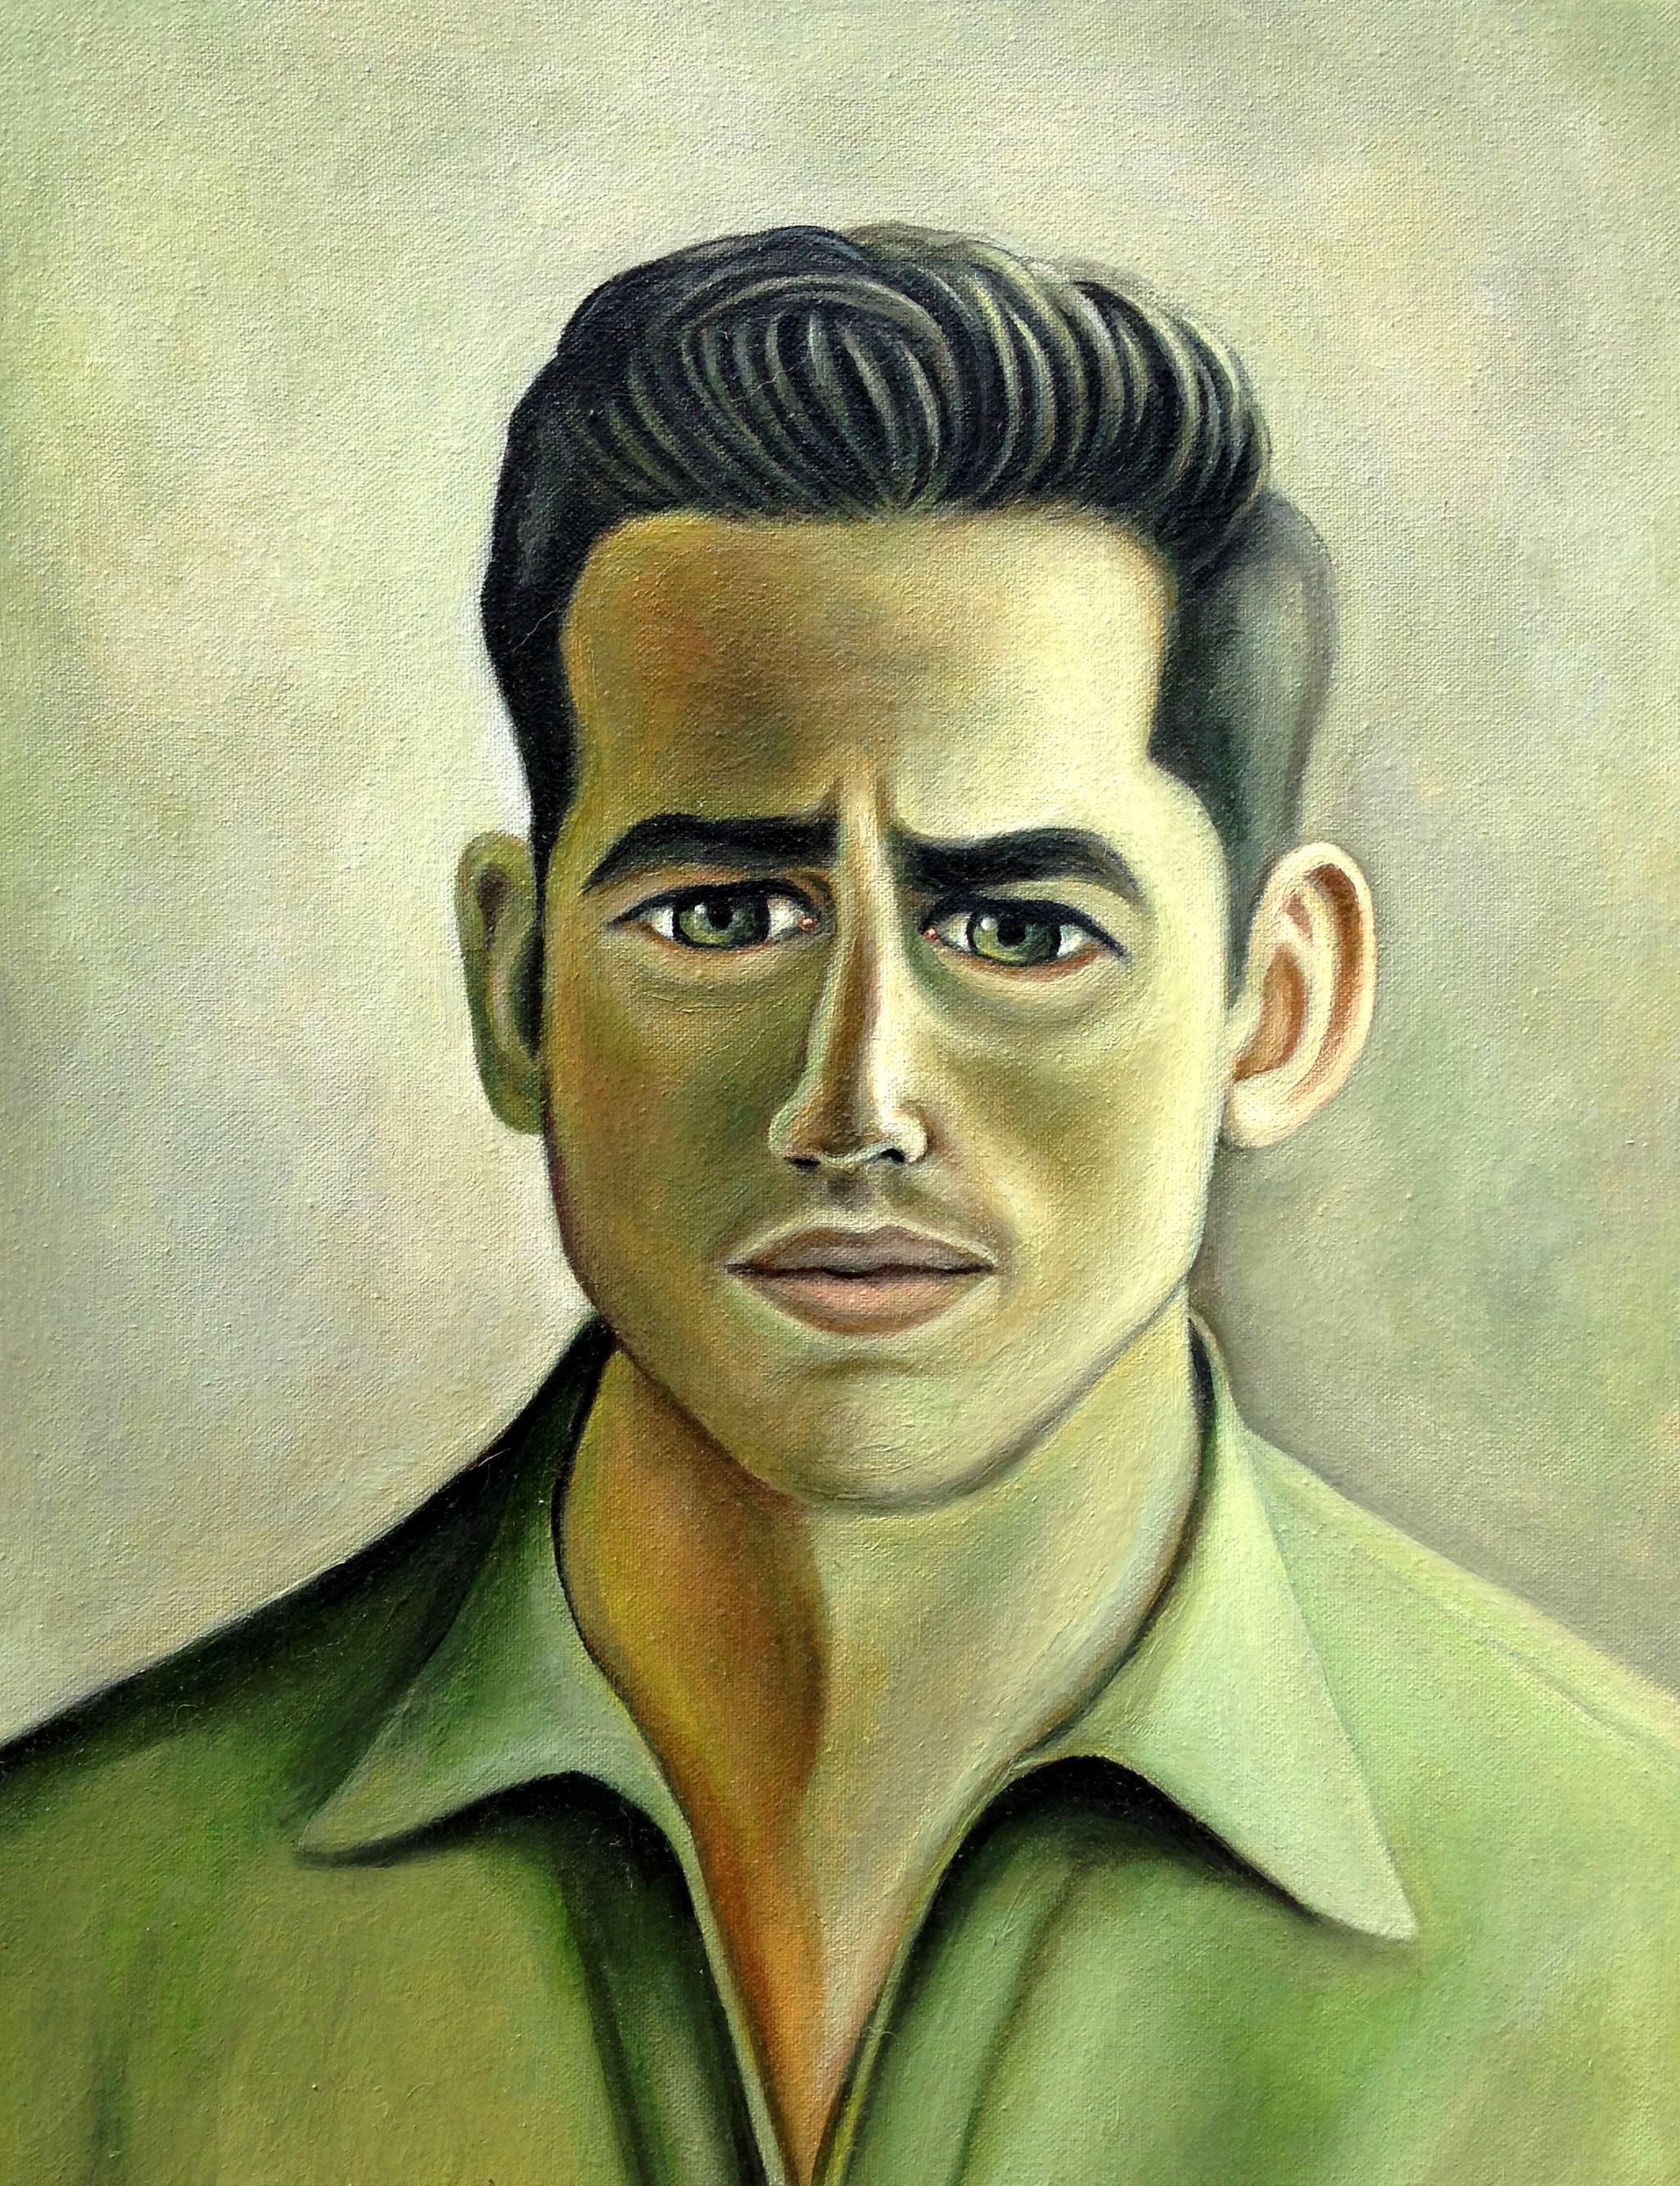 Martín Barba